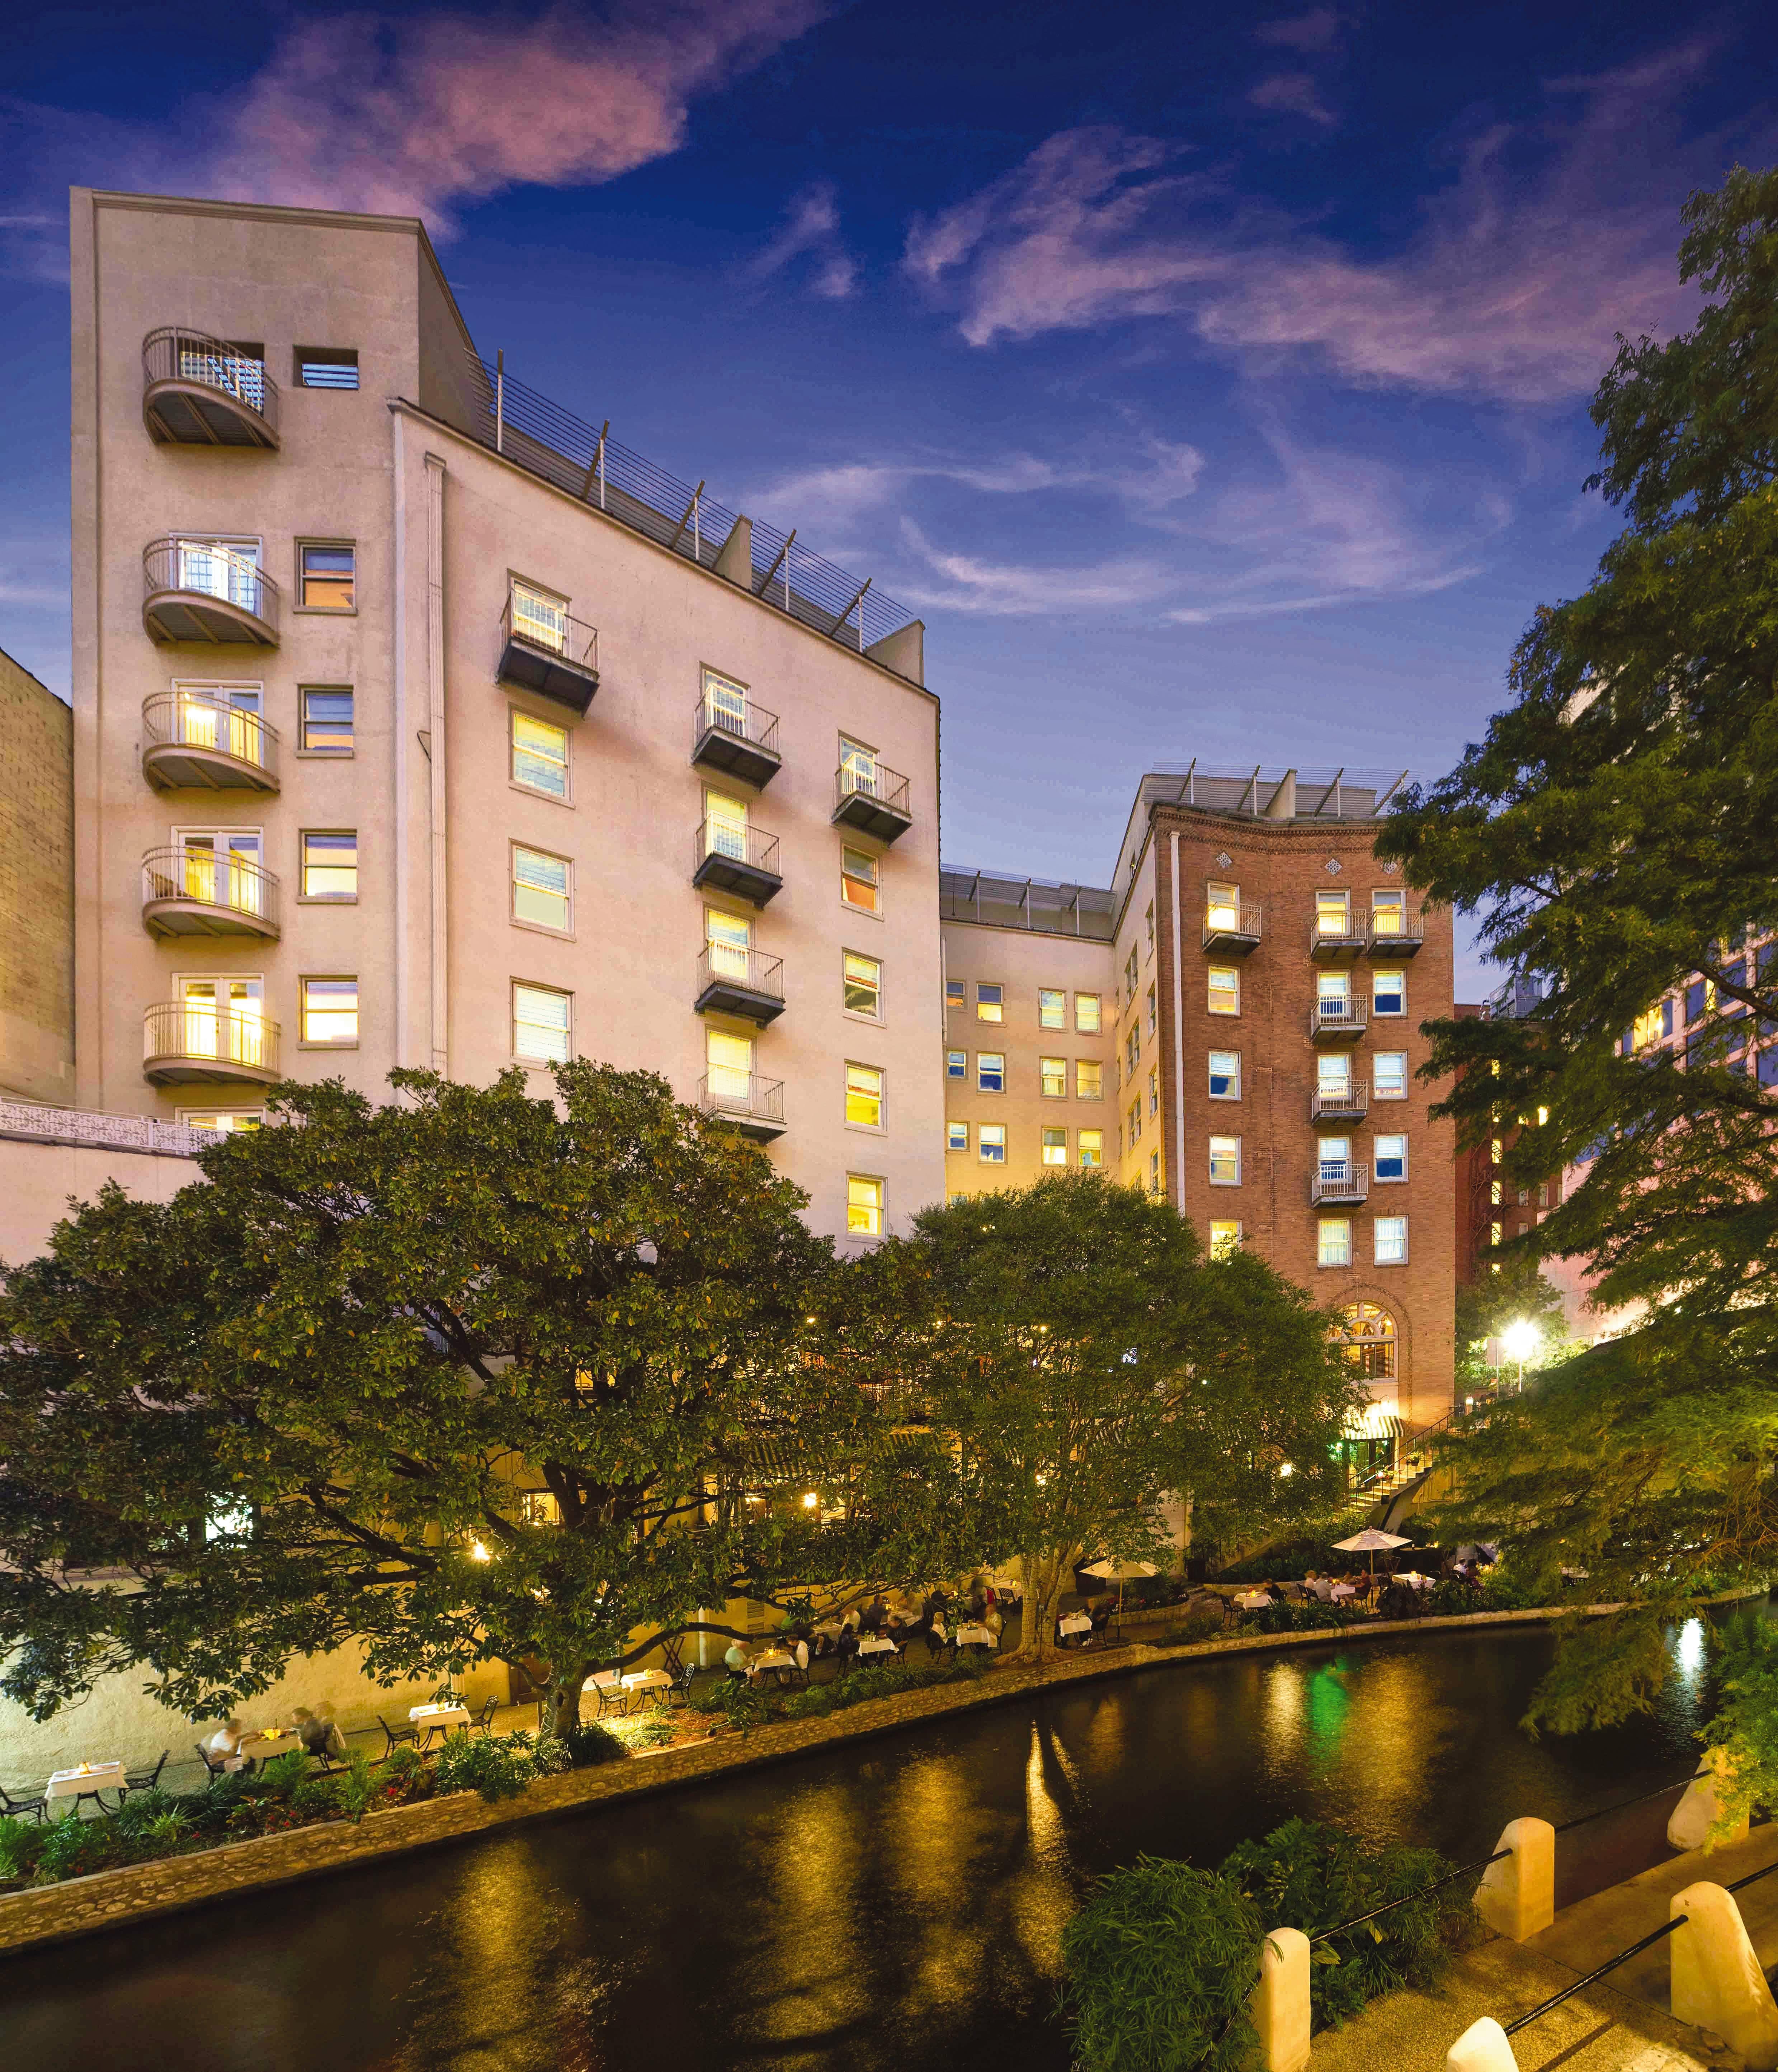 d5f7c671a359e4eaa0b430e7ade3b122 - Gardens At San Juan Apartments San Antonio Tx